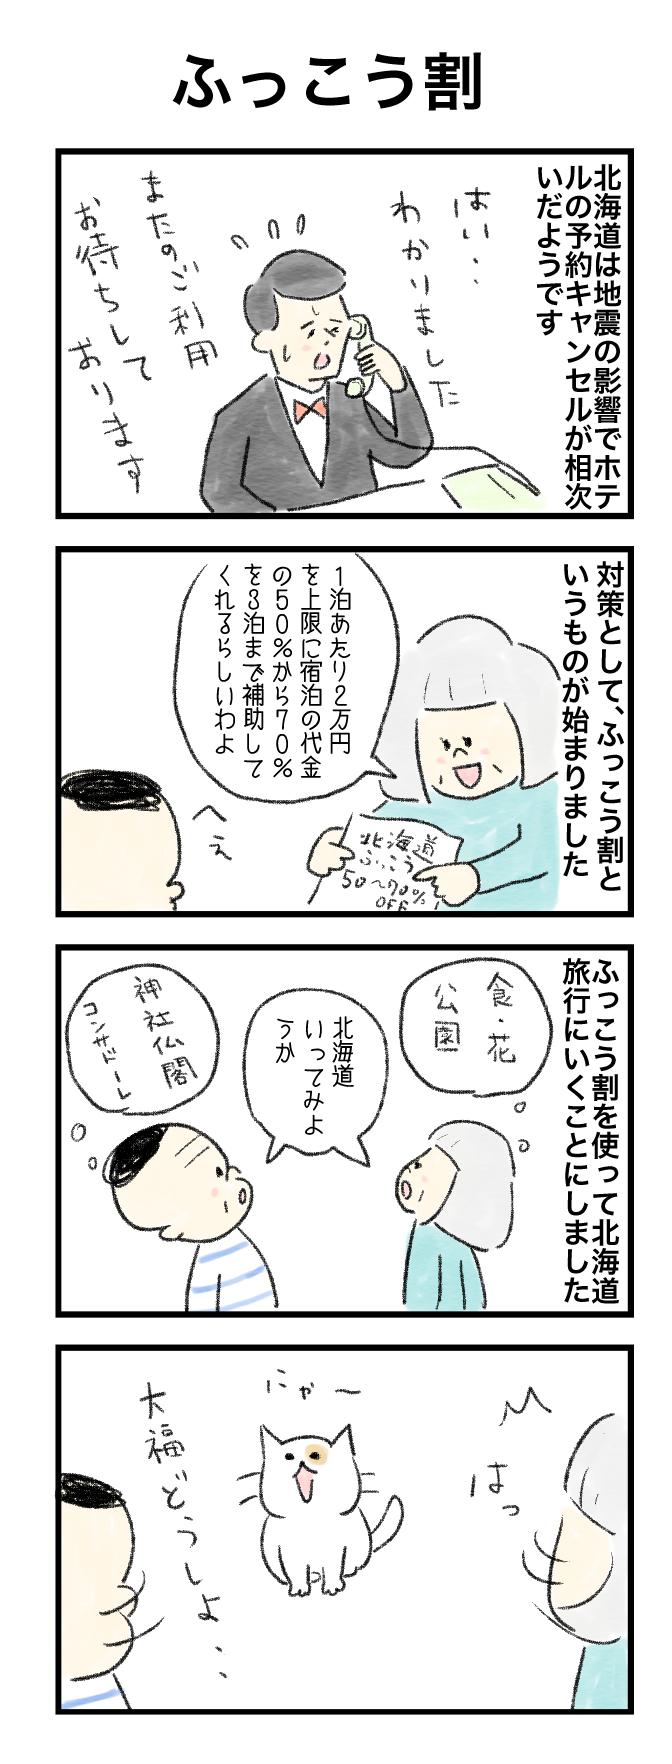 今日の泉谷さん【53】 作:カワサキヒロシ「ふっこう割り」